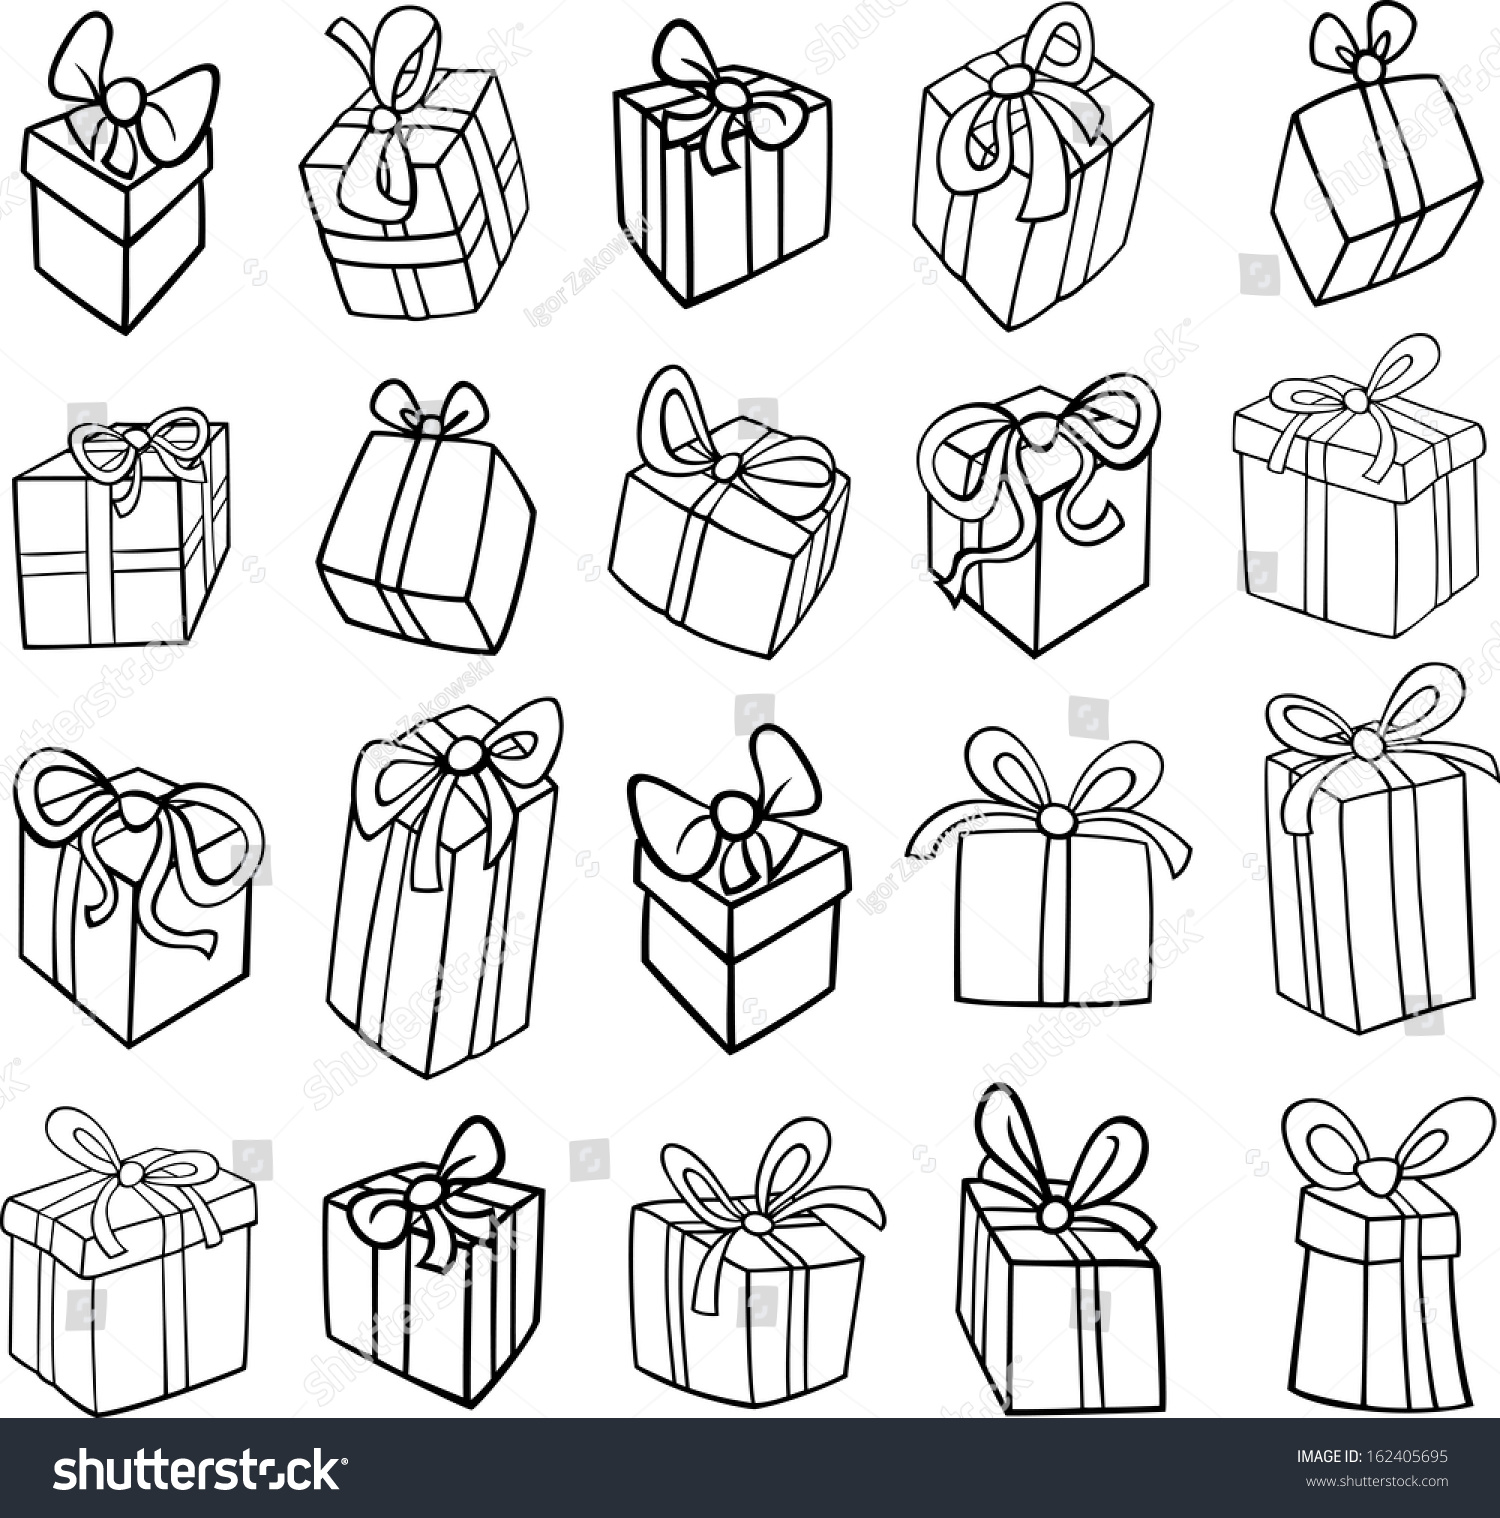 Black White Cartoon Vector Illustration Christmas Stock Vector 162405695 - Shutterstock